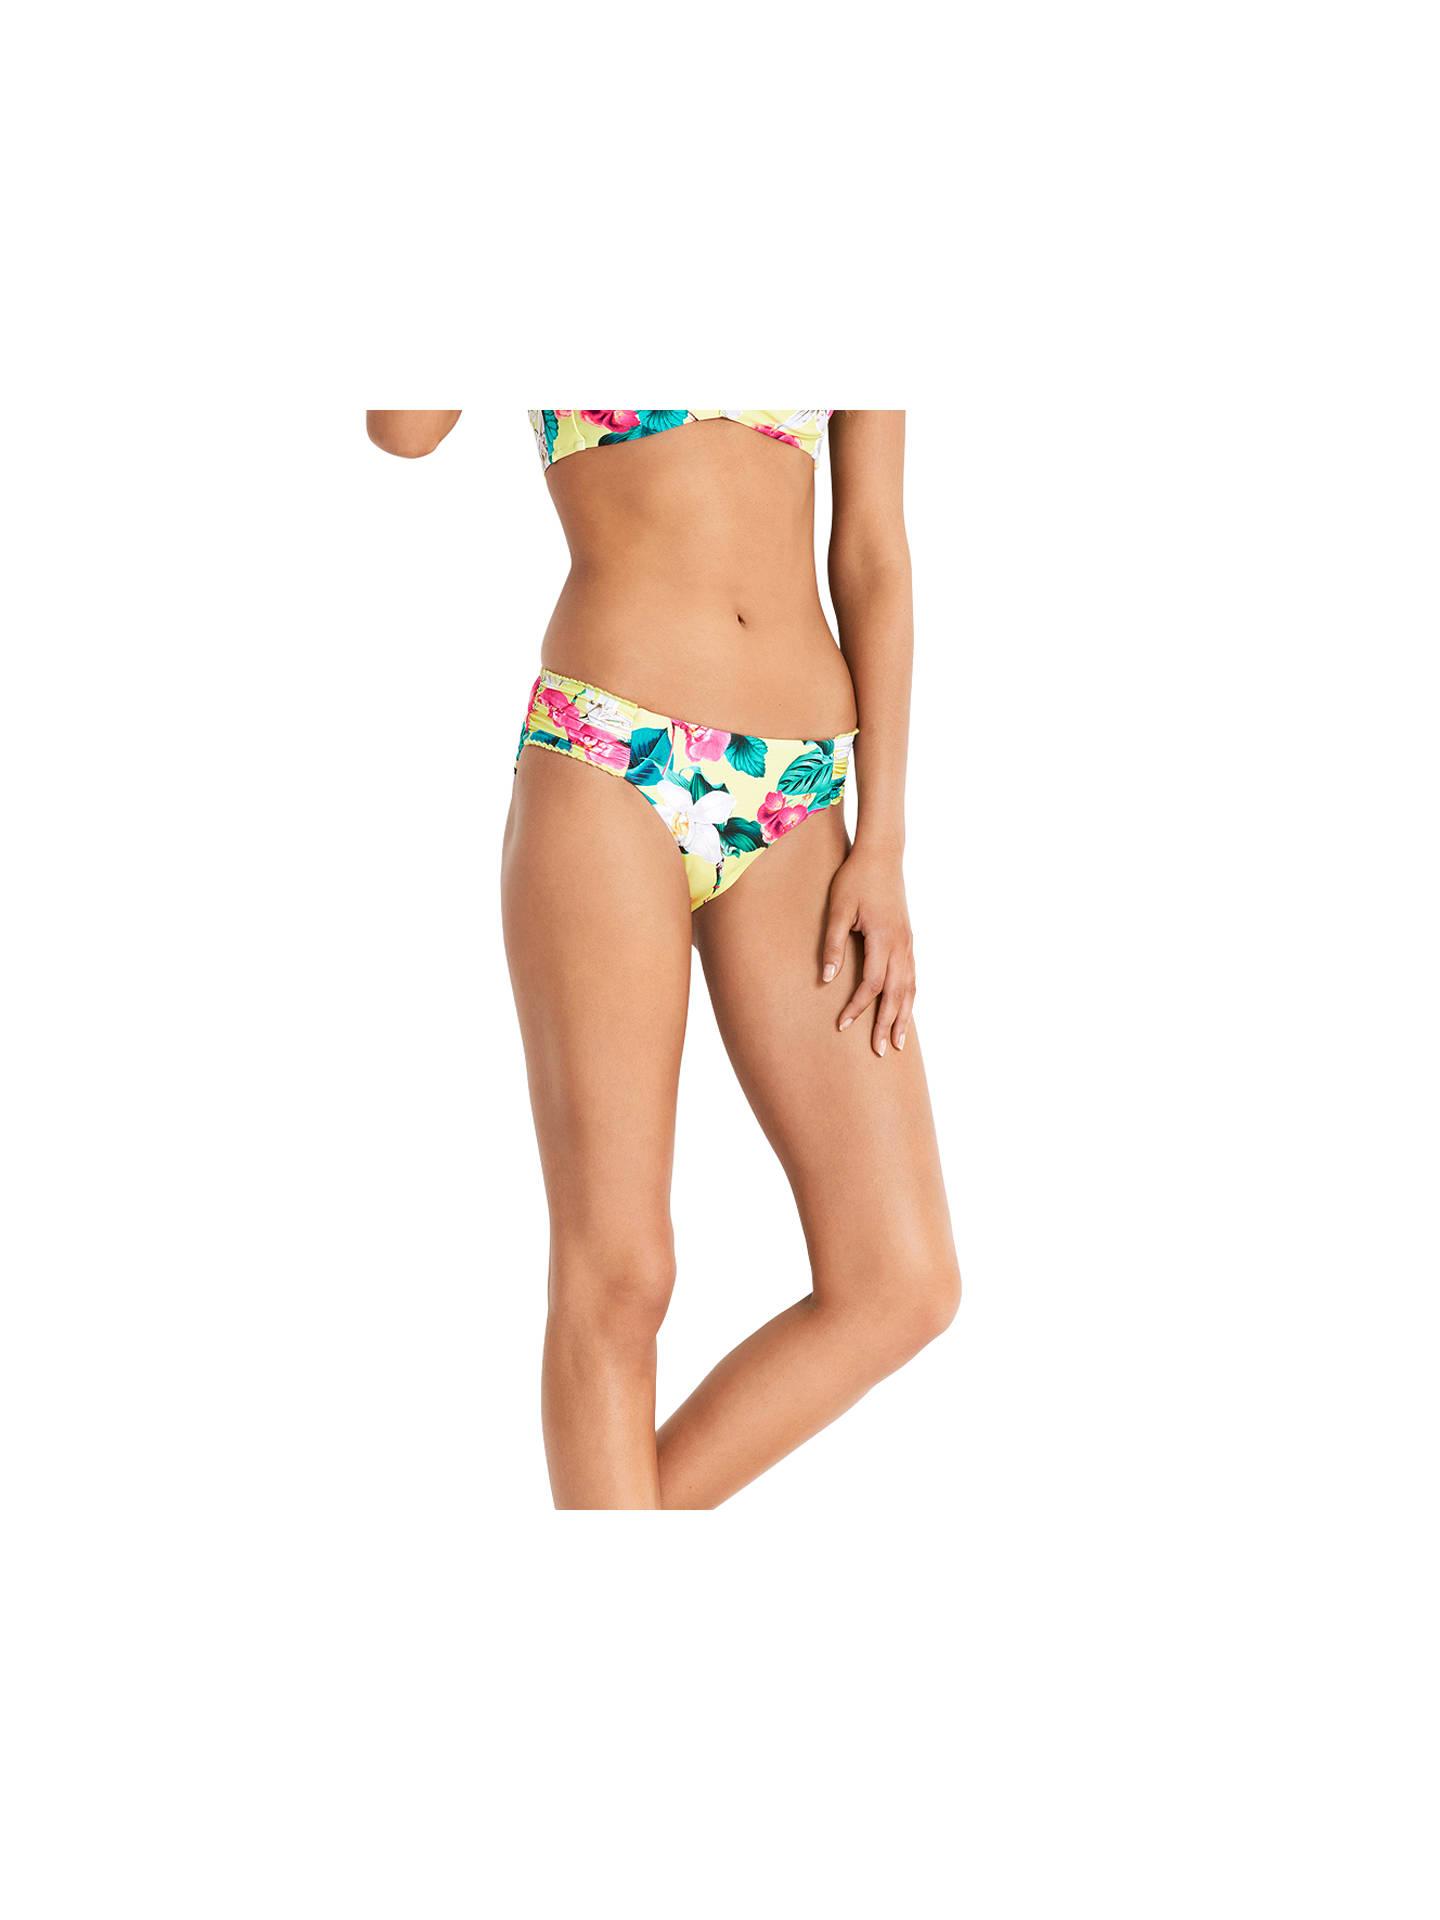 BuySeafolly Island Vibe Ruch Side Bikini Bottoms 17dd86fbf